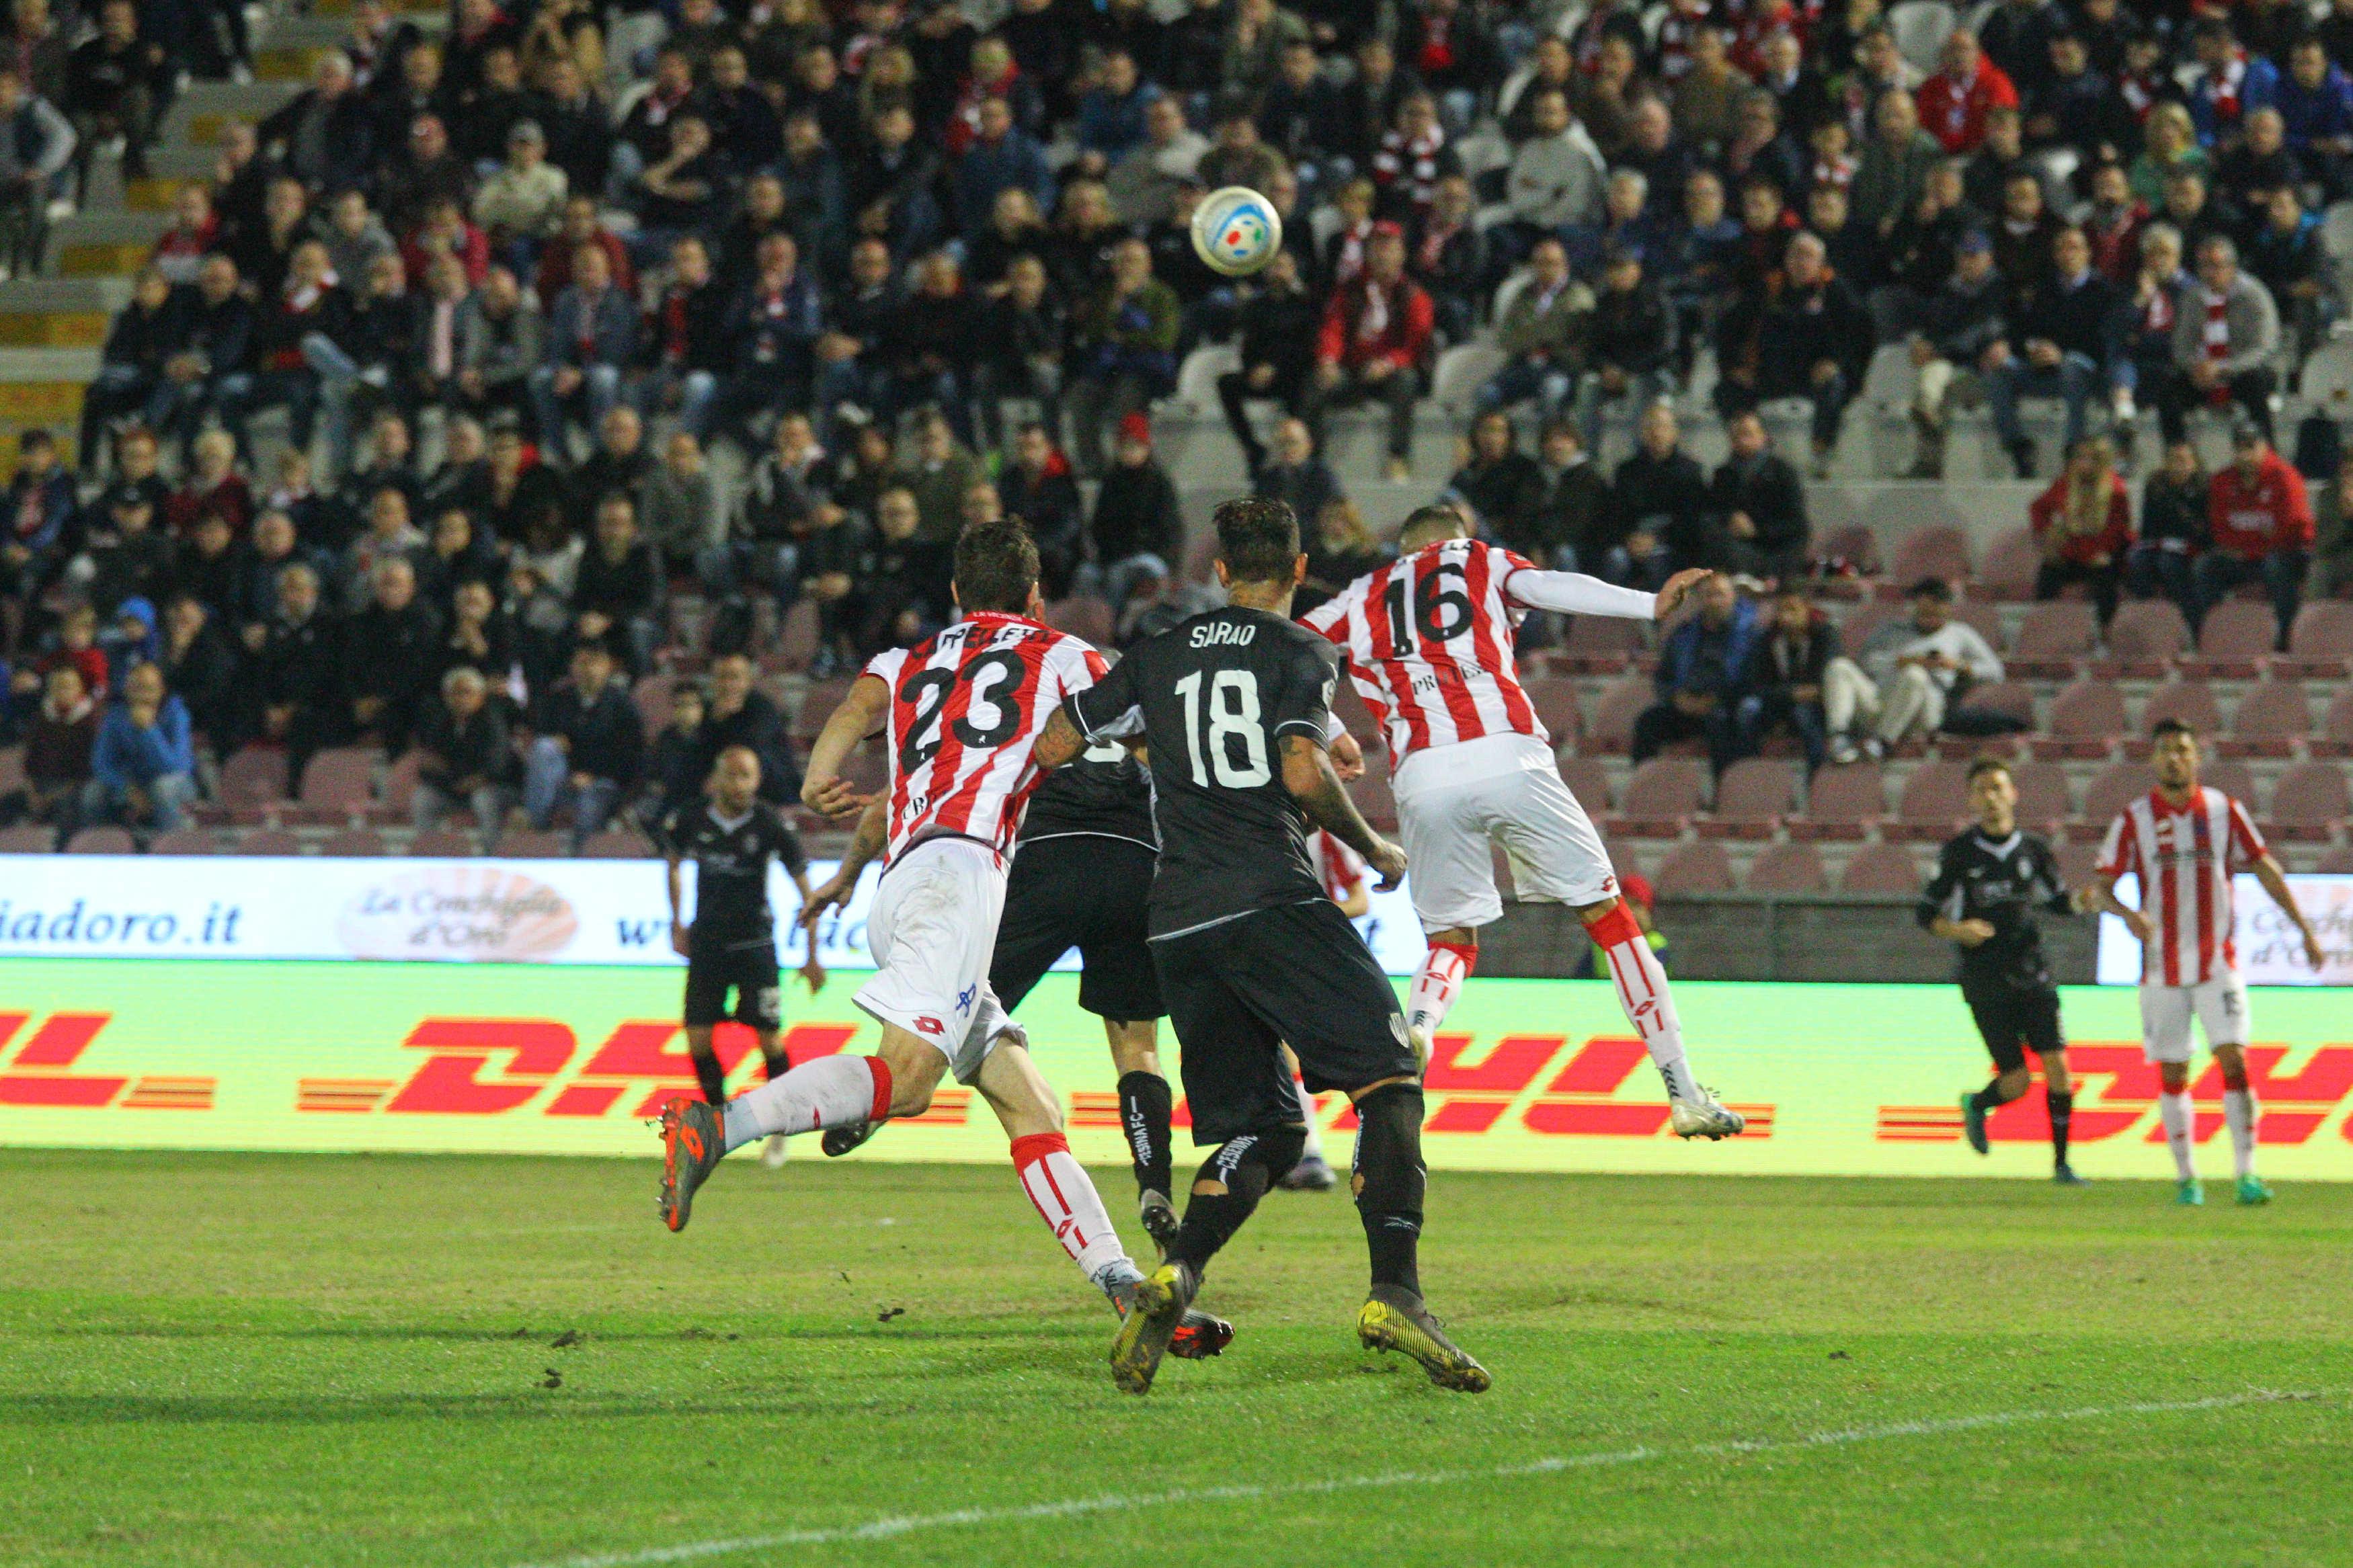 Calcio serie C, la prevendita di Cesena-Samb